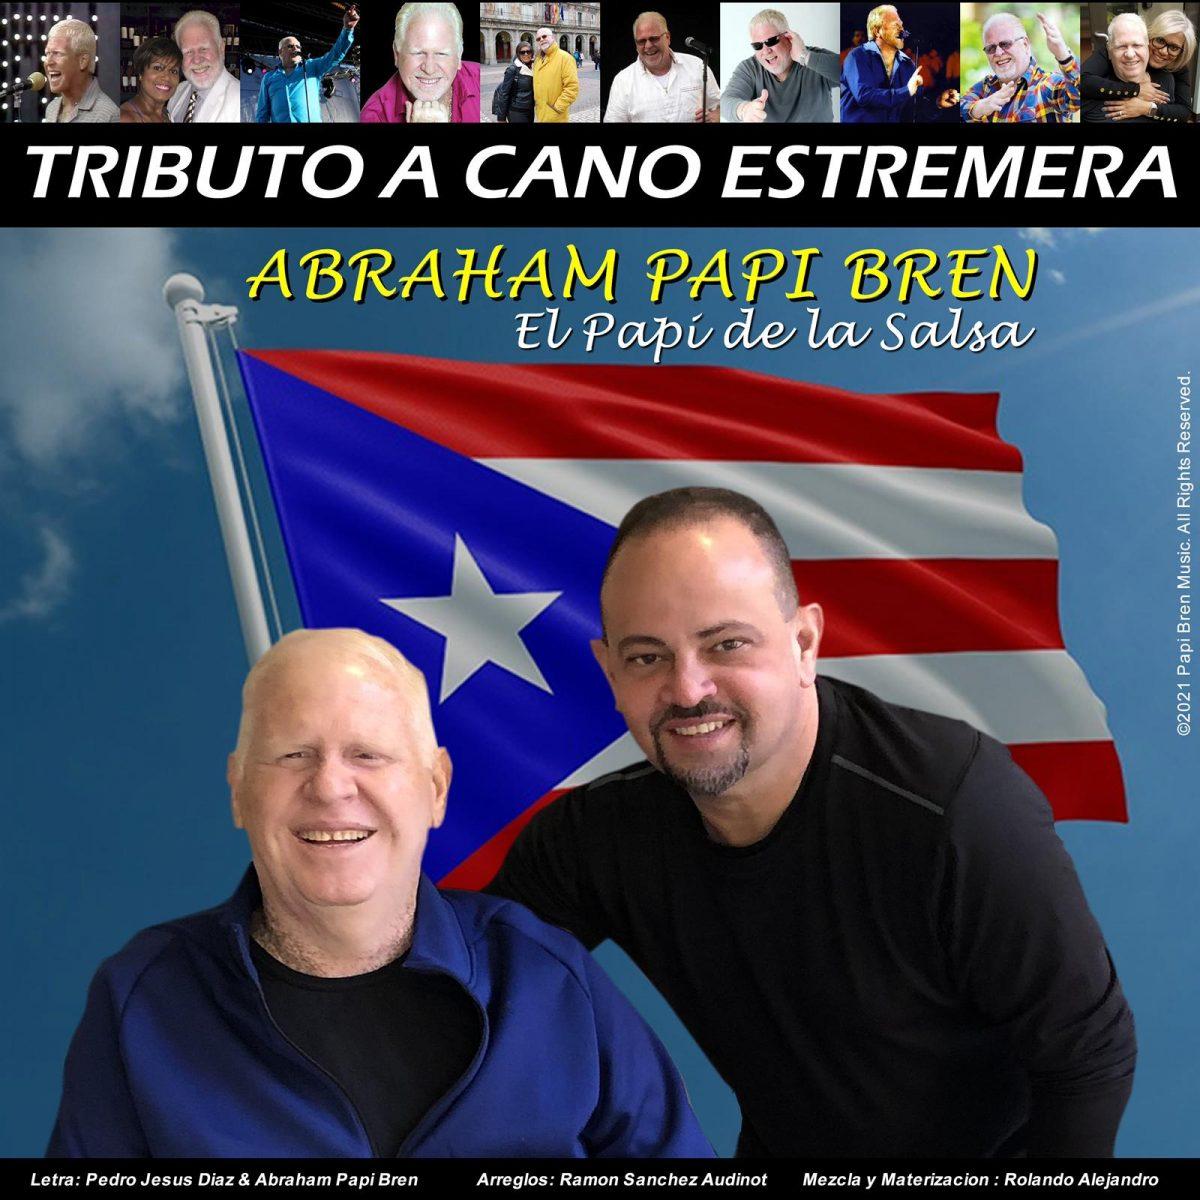 """ABRAHAM """"PAPI"""" BREN DEDICA TEMA A CANO ESTREMERA"""